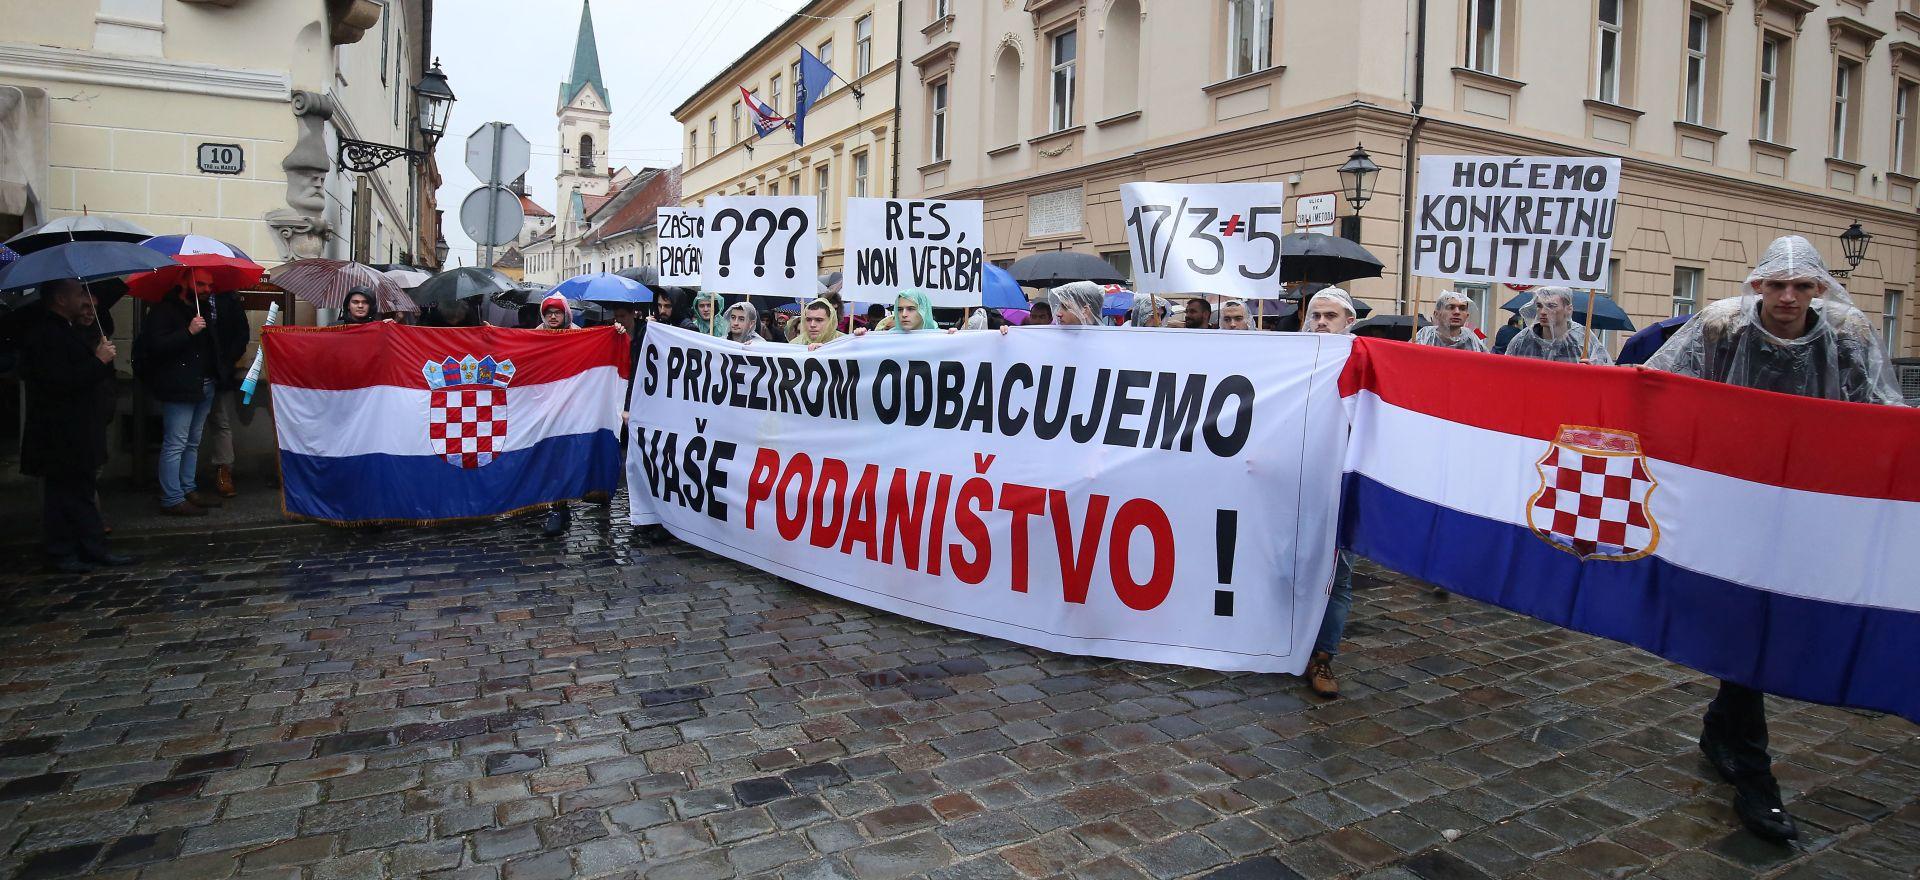 MARKOV TRG Studenti zatražili od vlasti jasnu politiku prema BiH Hrvatima